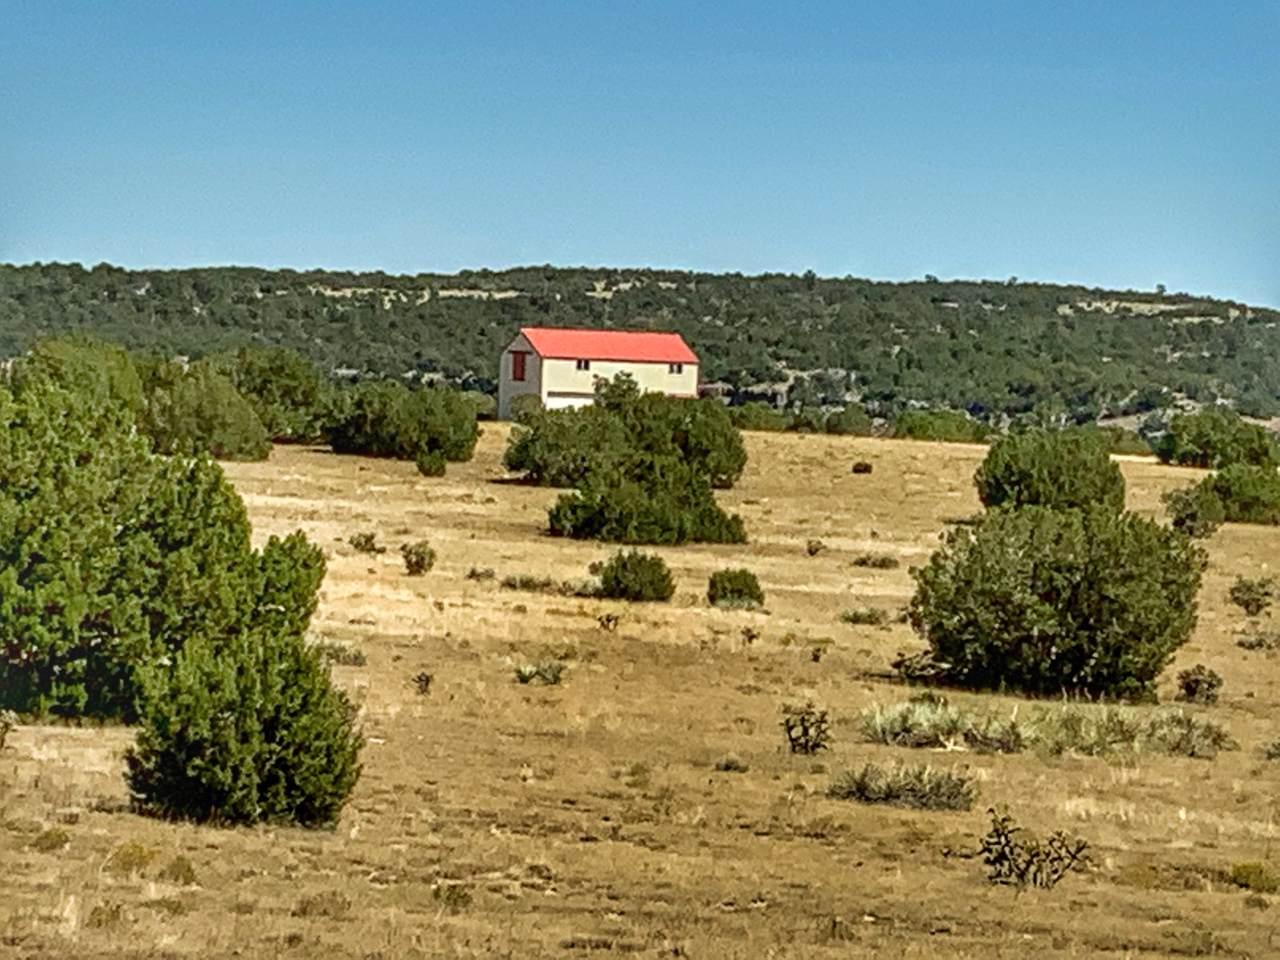 TBD Lot 81 Turkey Ridge East - Photo 1